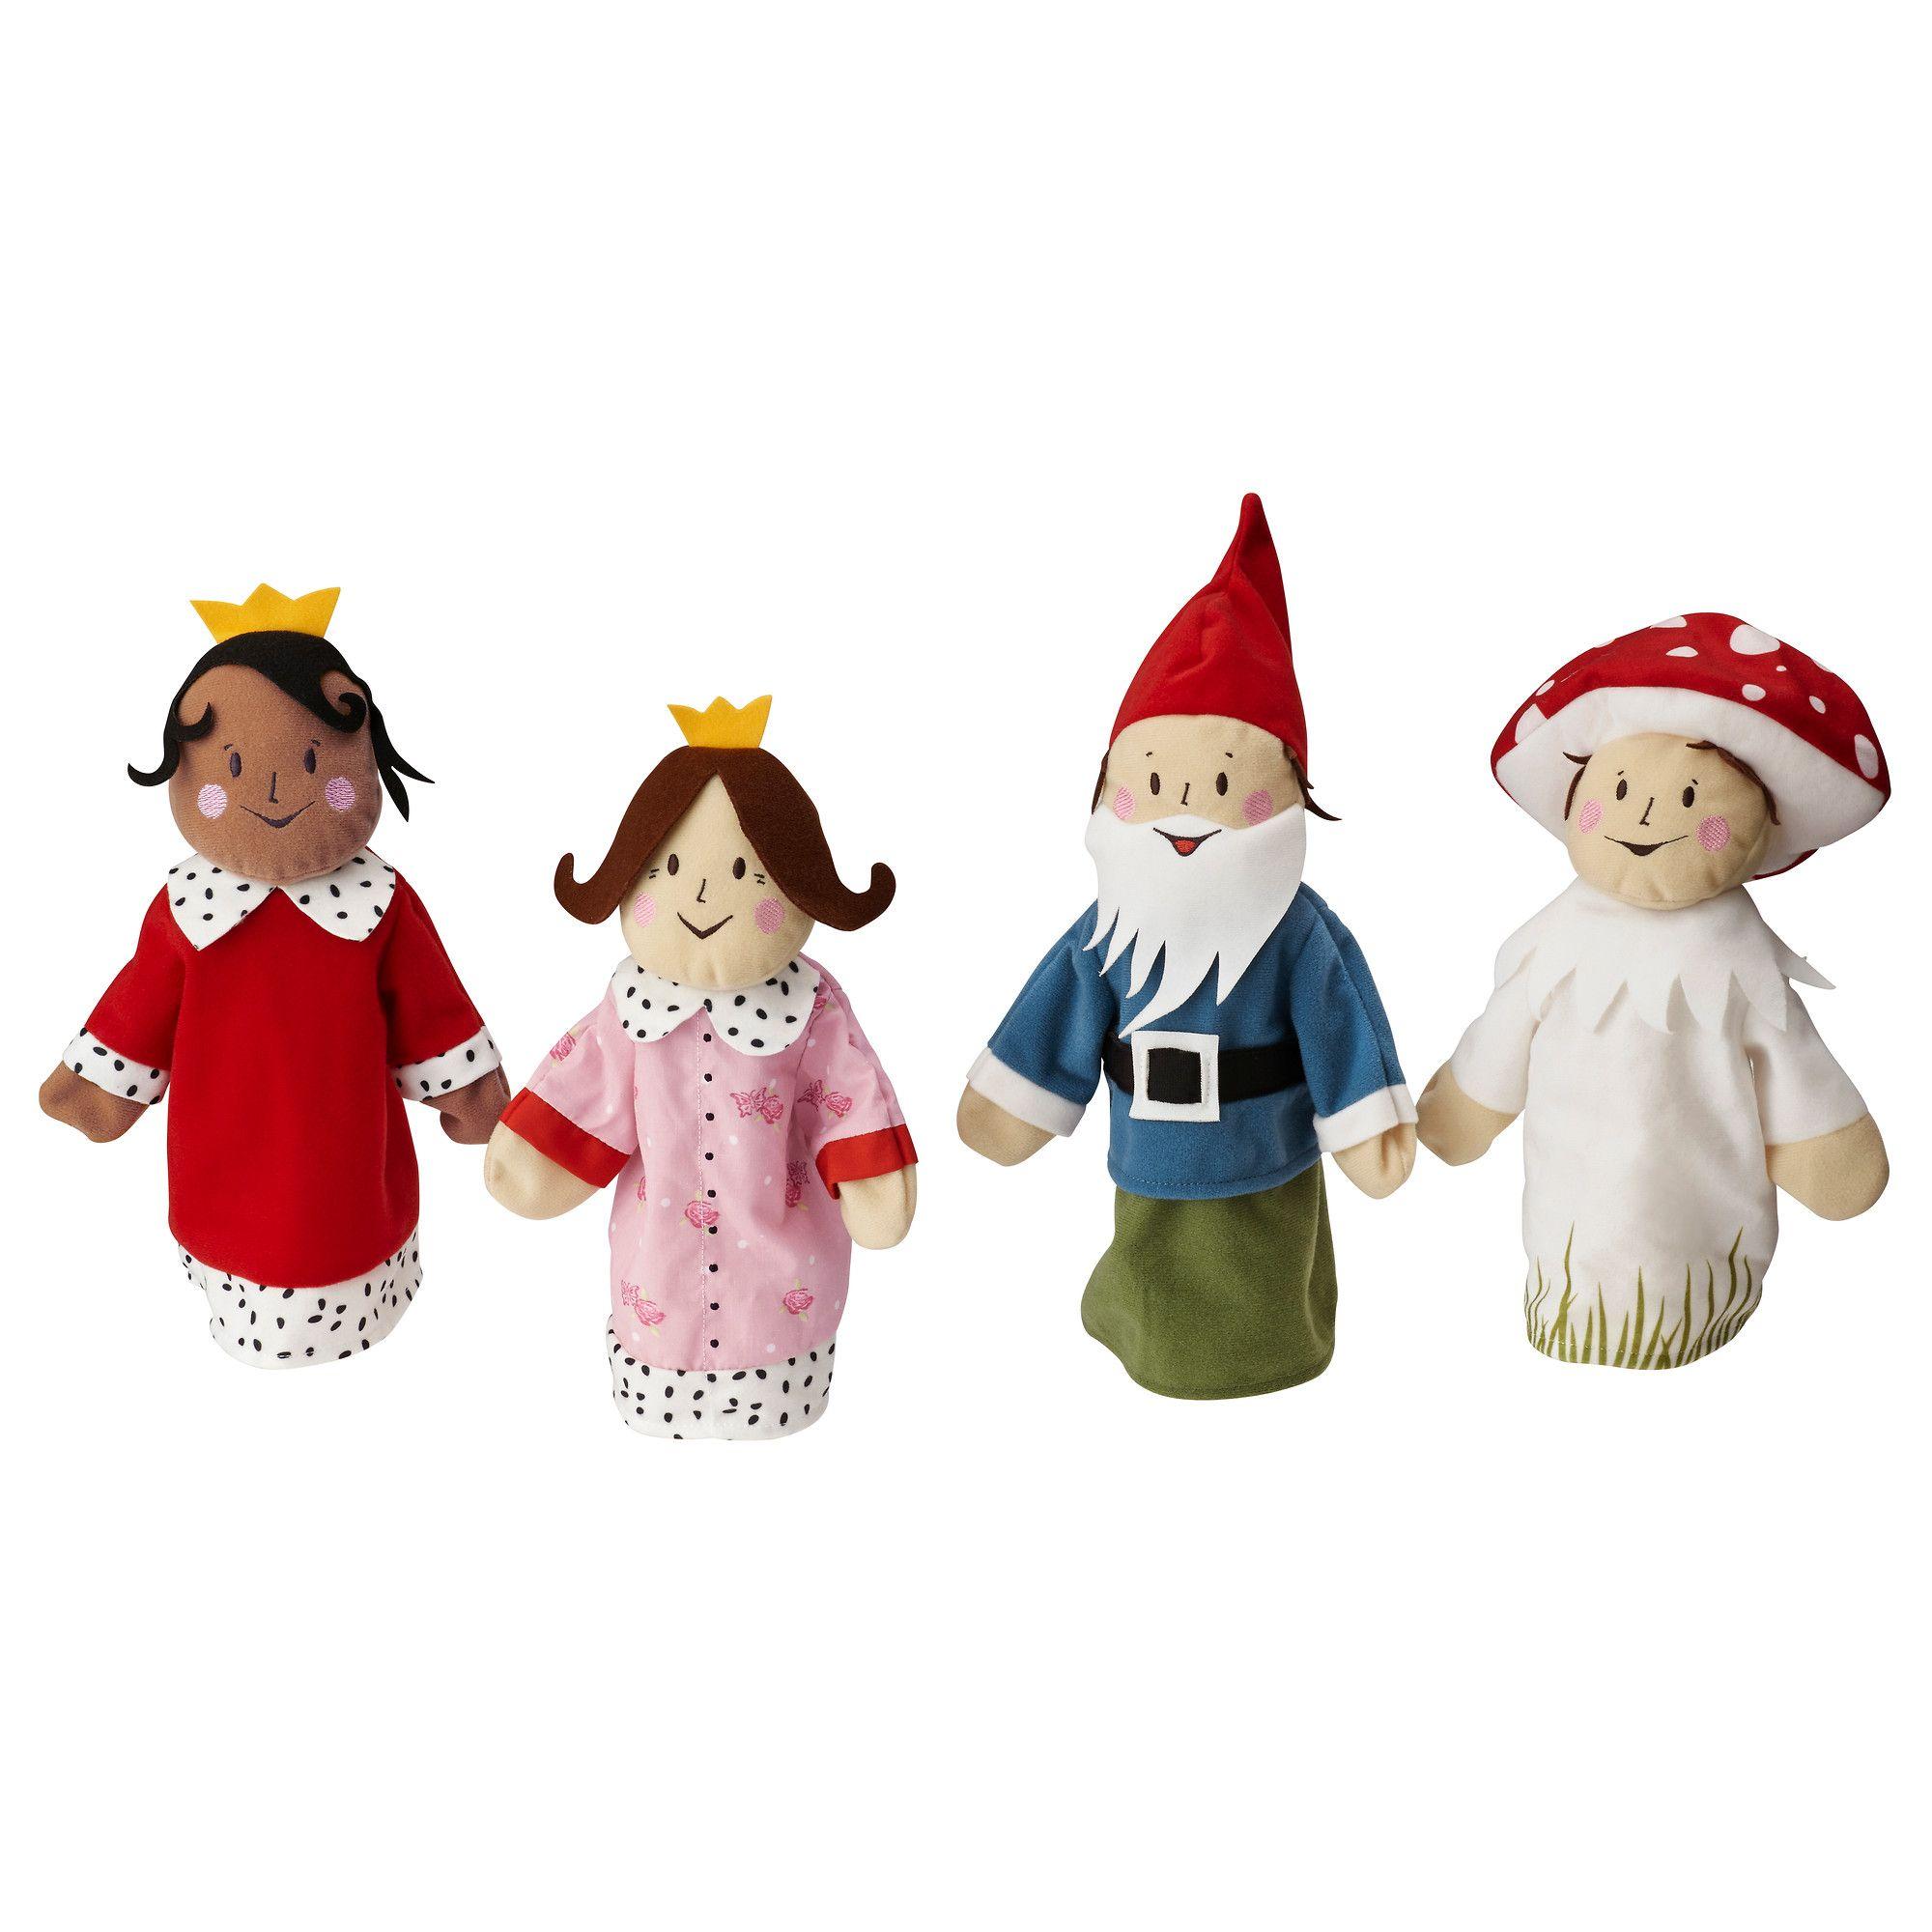 gladlynt marionnette famille ikea cadeaux pour mile pinterest marionnette ikea et familles. Black Bedroom Furniture Sets. Home Design Ideas